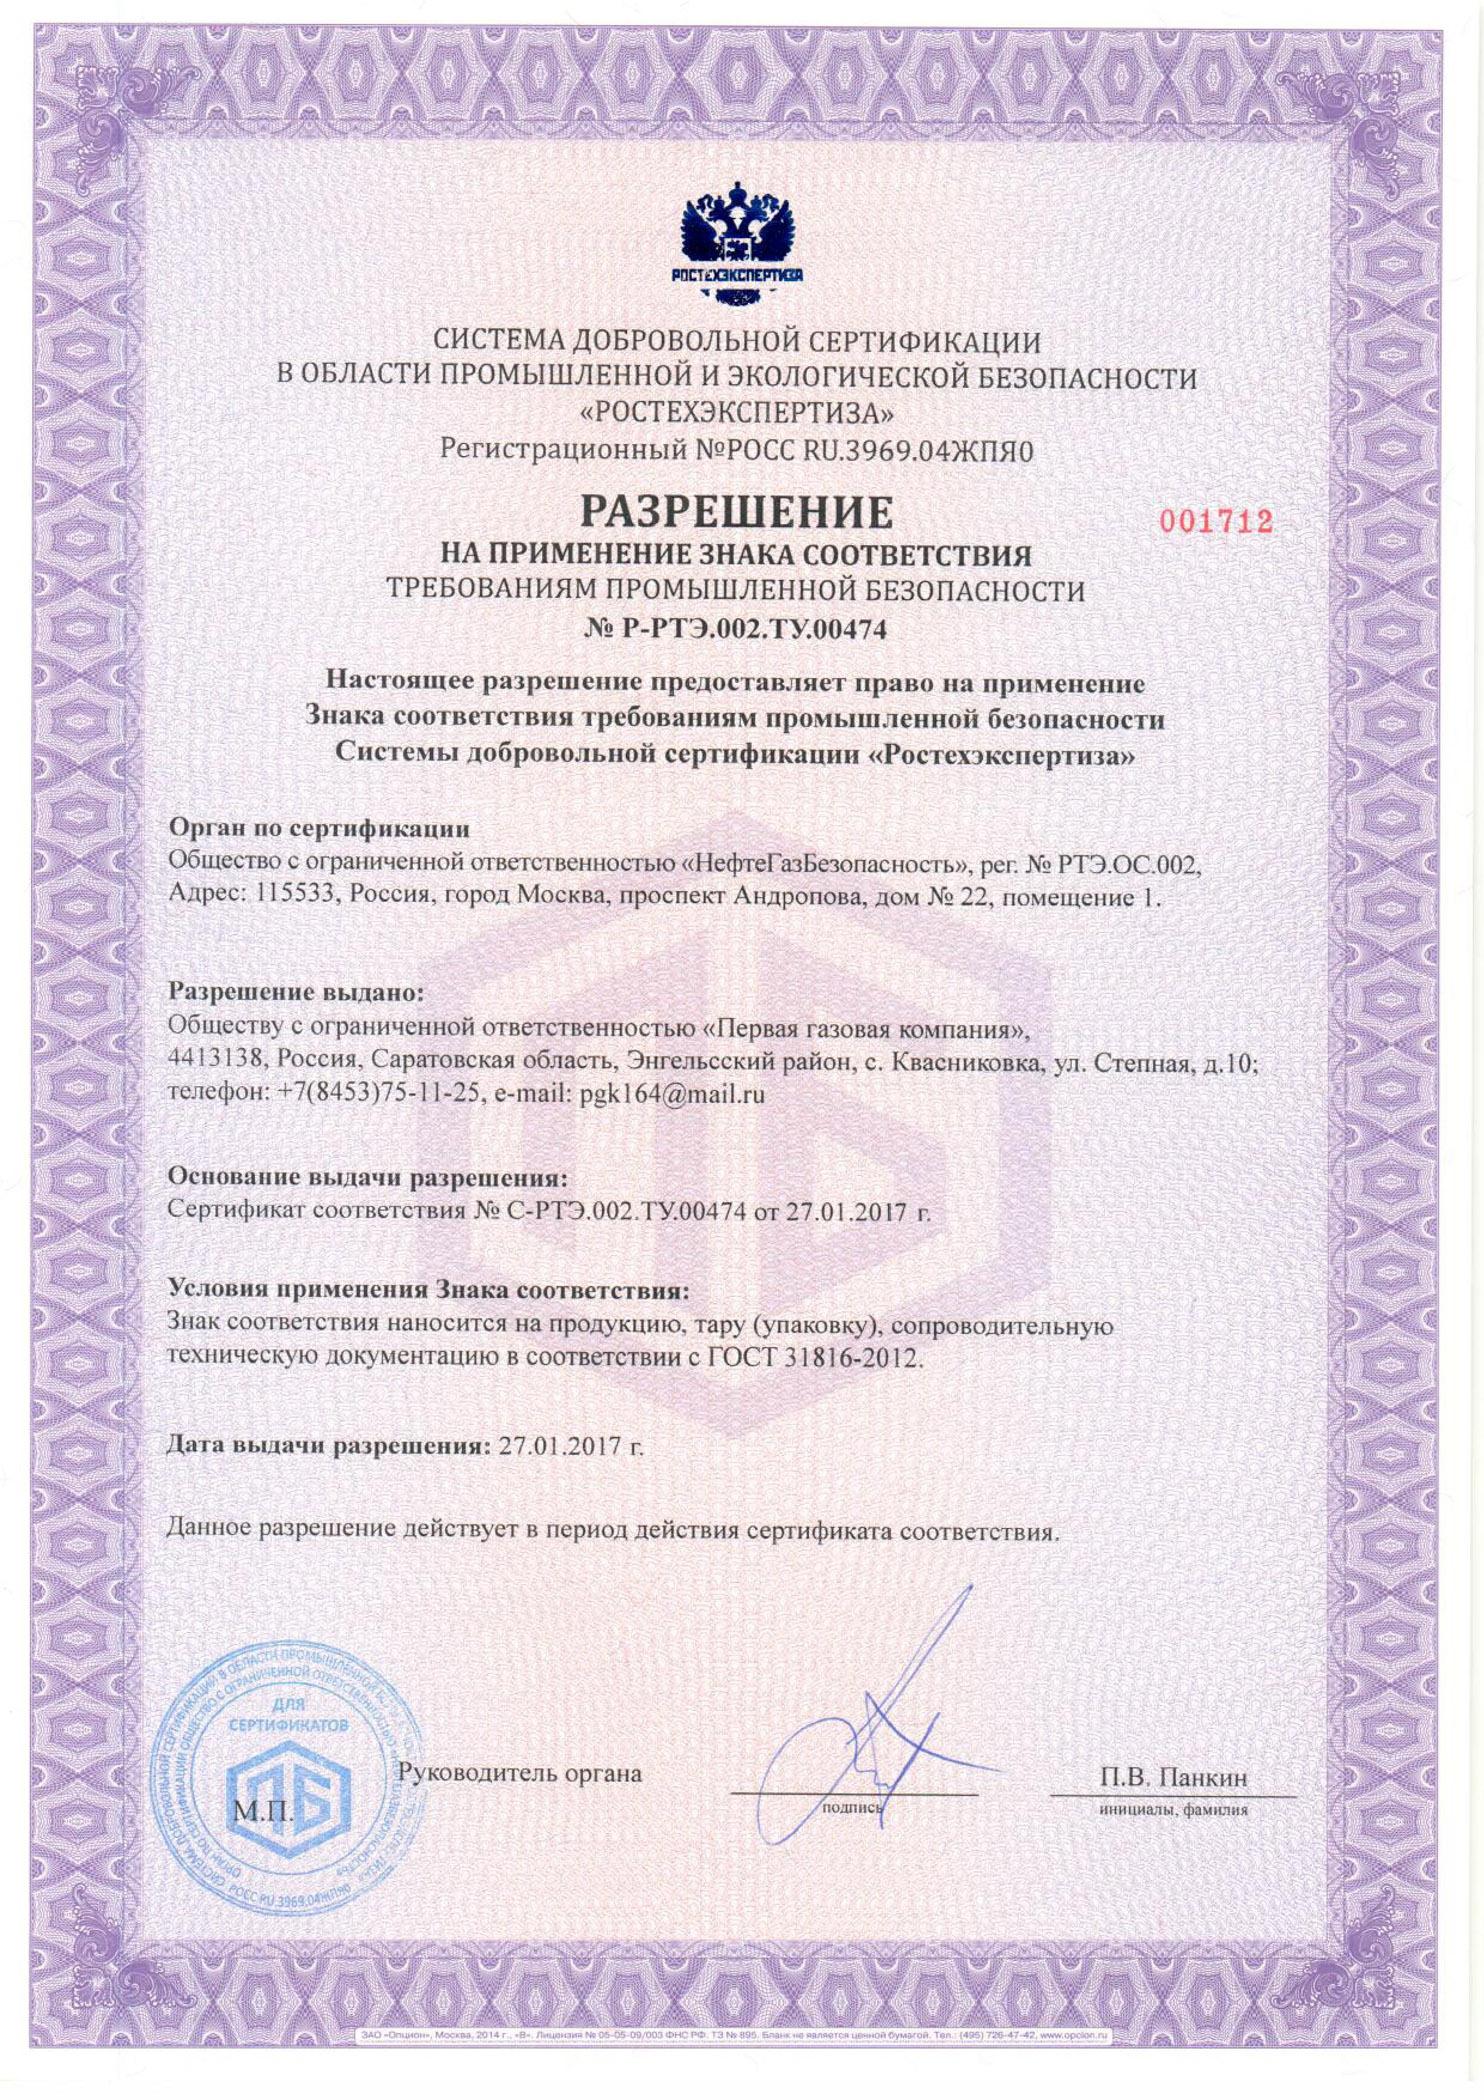 Разрешение на применение знака соответствия ТКУ